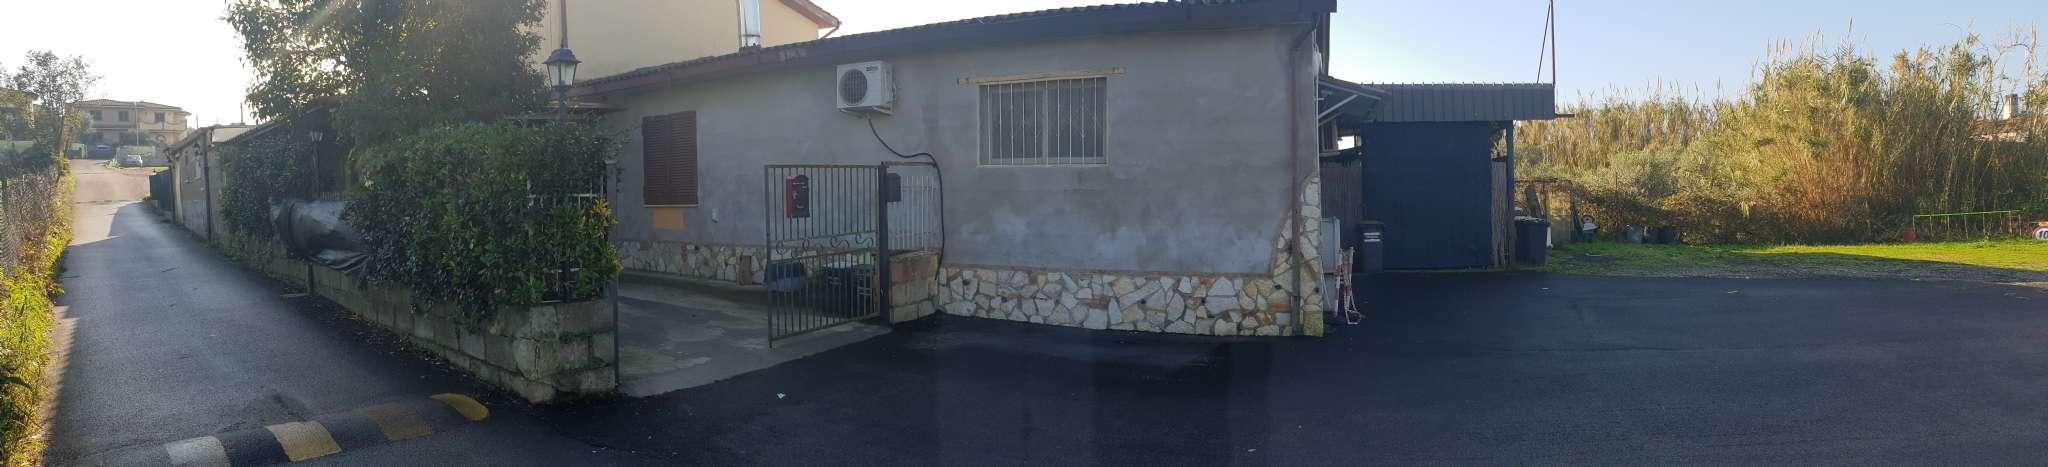 Soluzione Indipendente in vendita a Ariccia, 8 locali, prezzo € 270.000 | CambioCasa.it